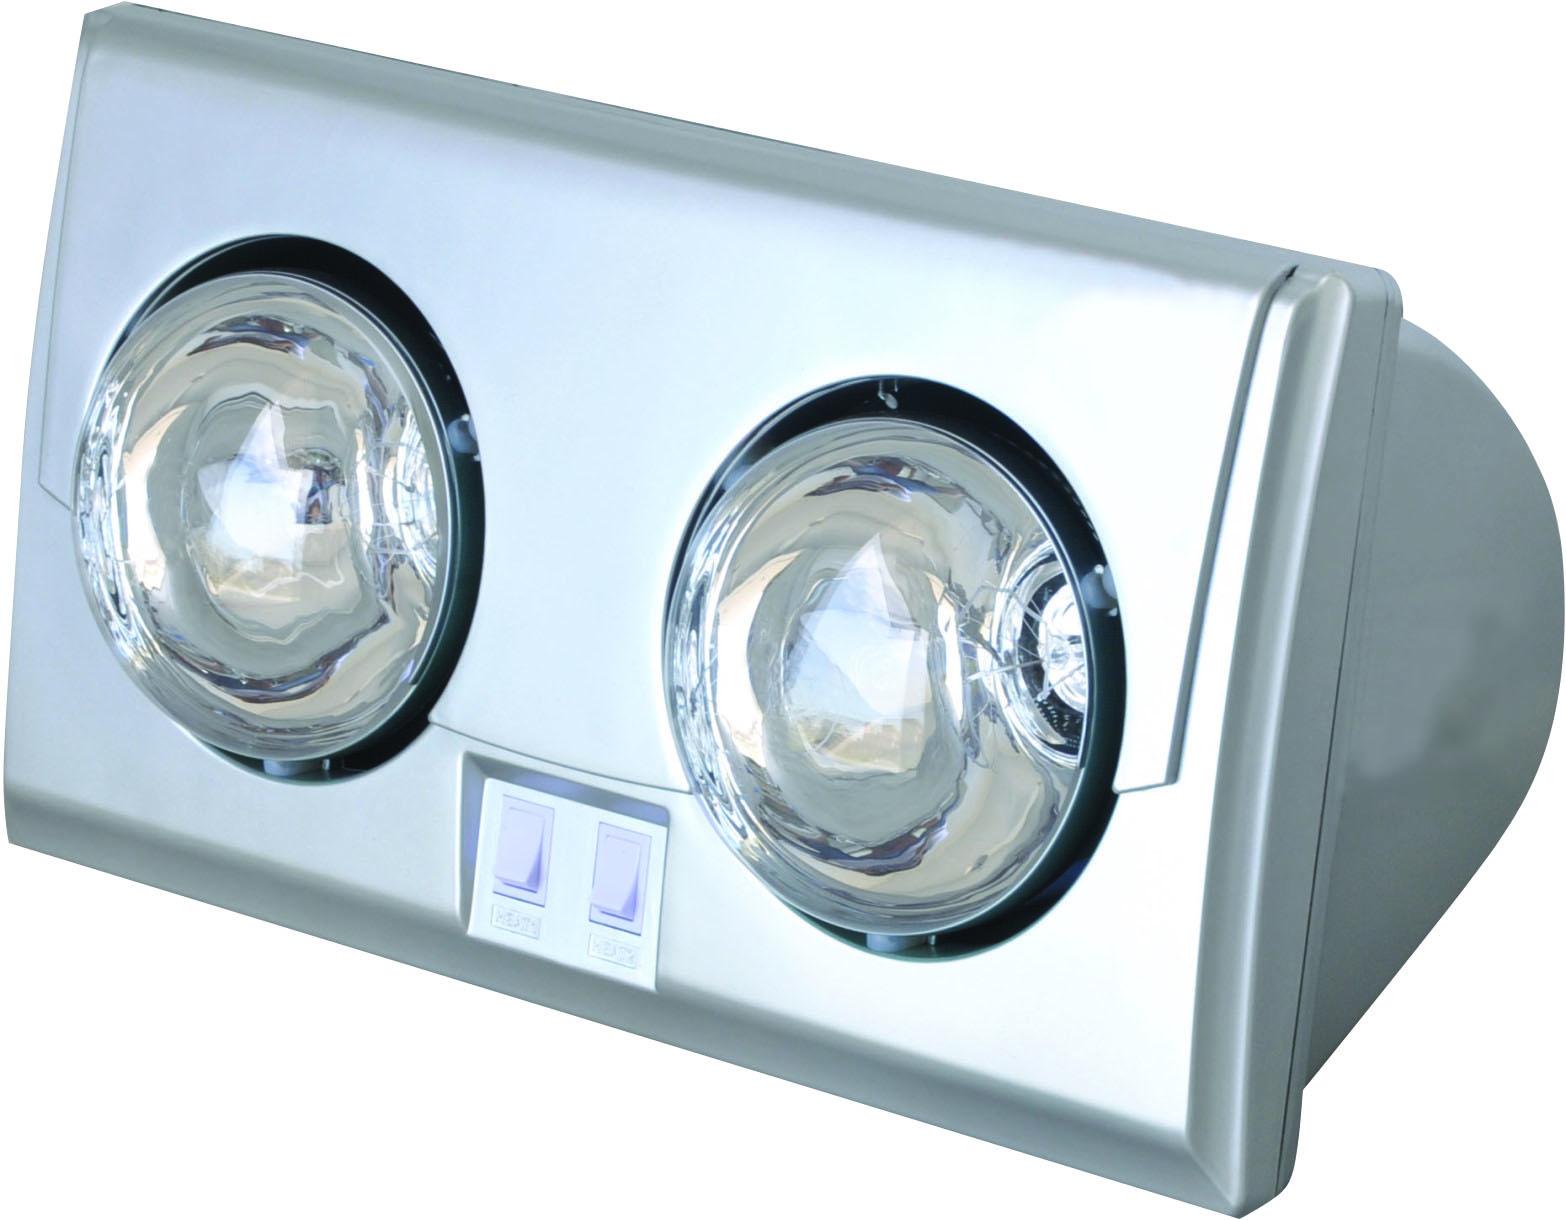 Đèn sưởi nhà tắm 2 bóng Kottman màu bạc tráng kinh cương